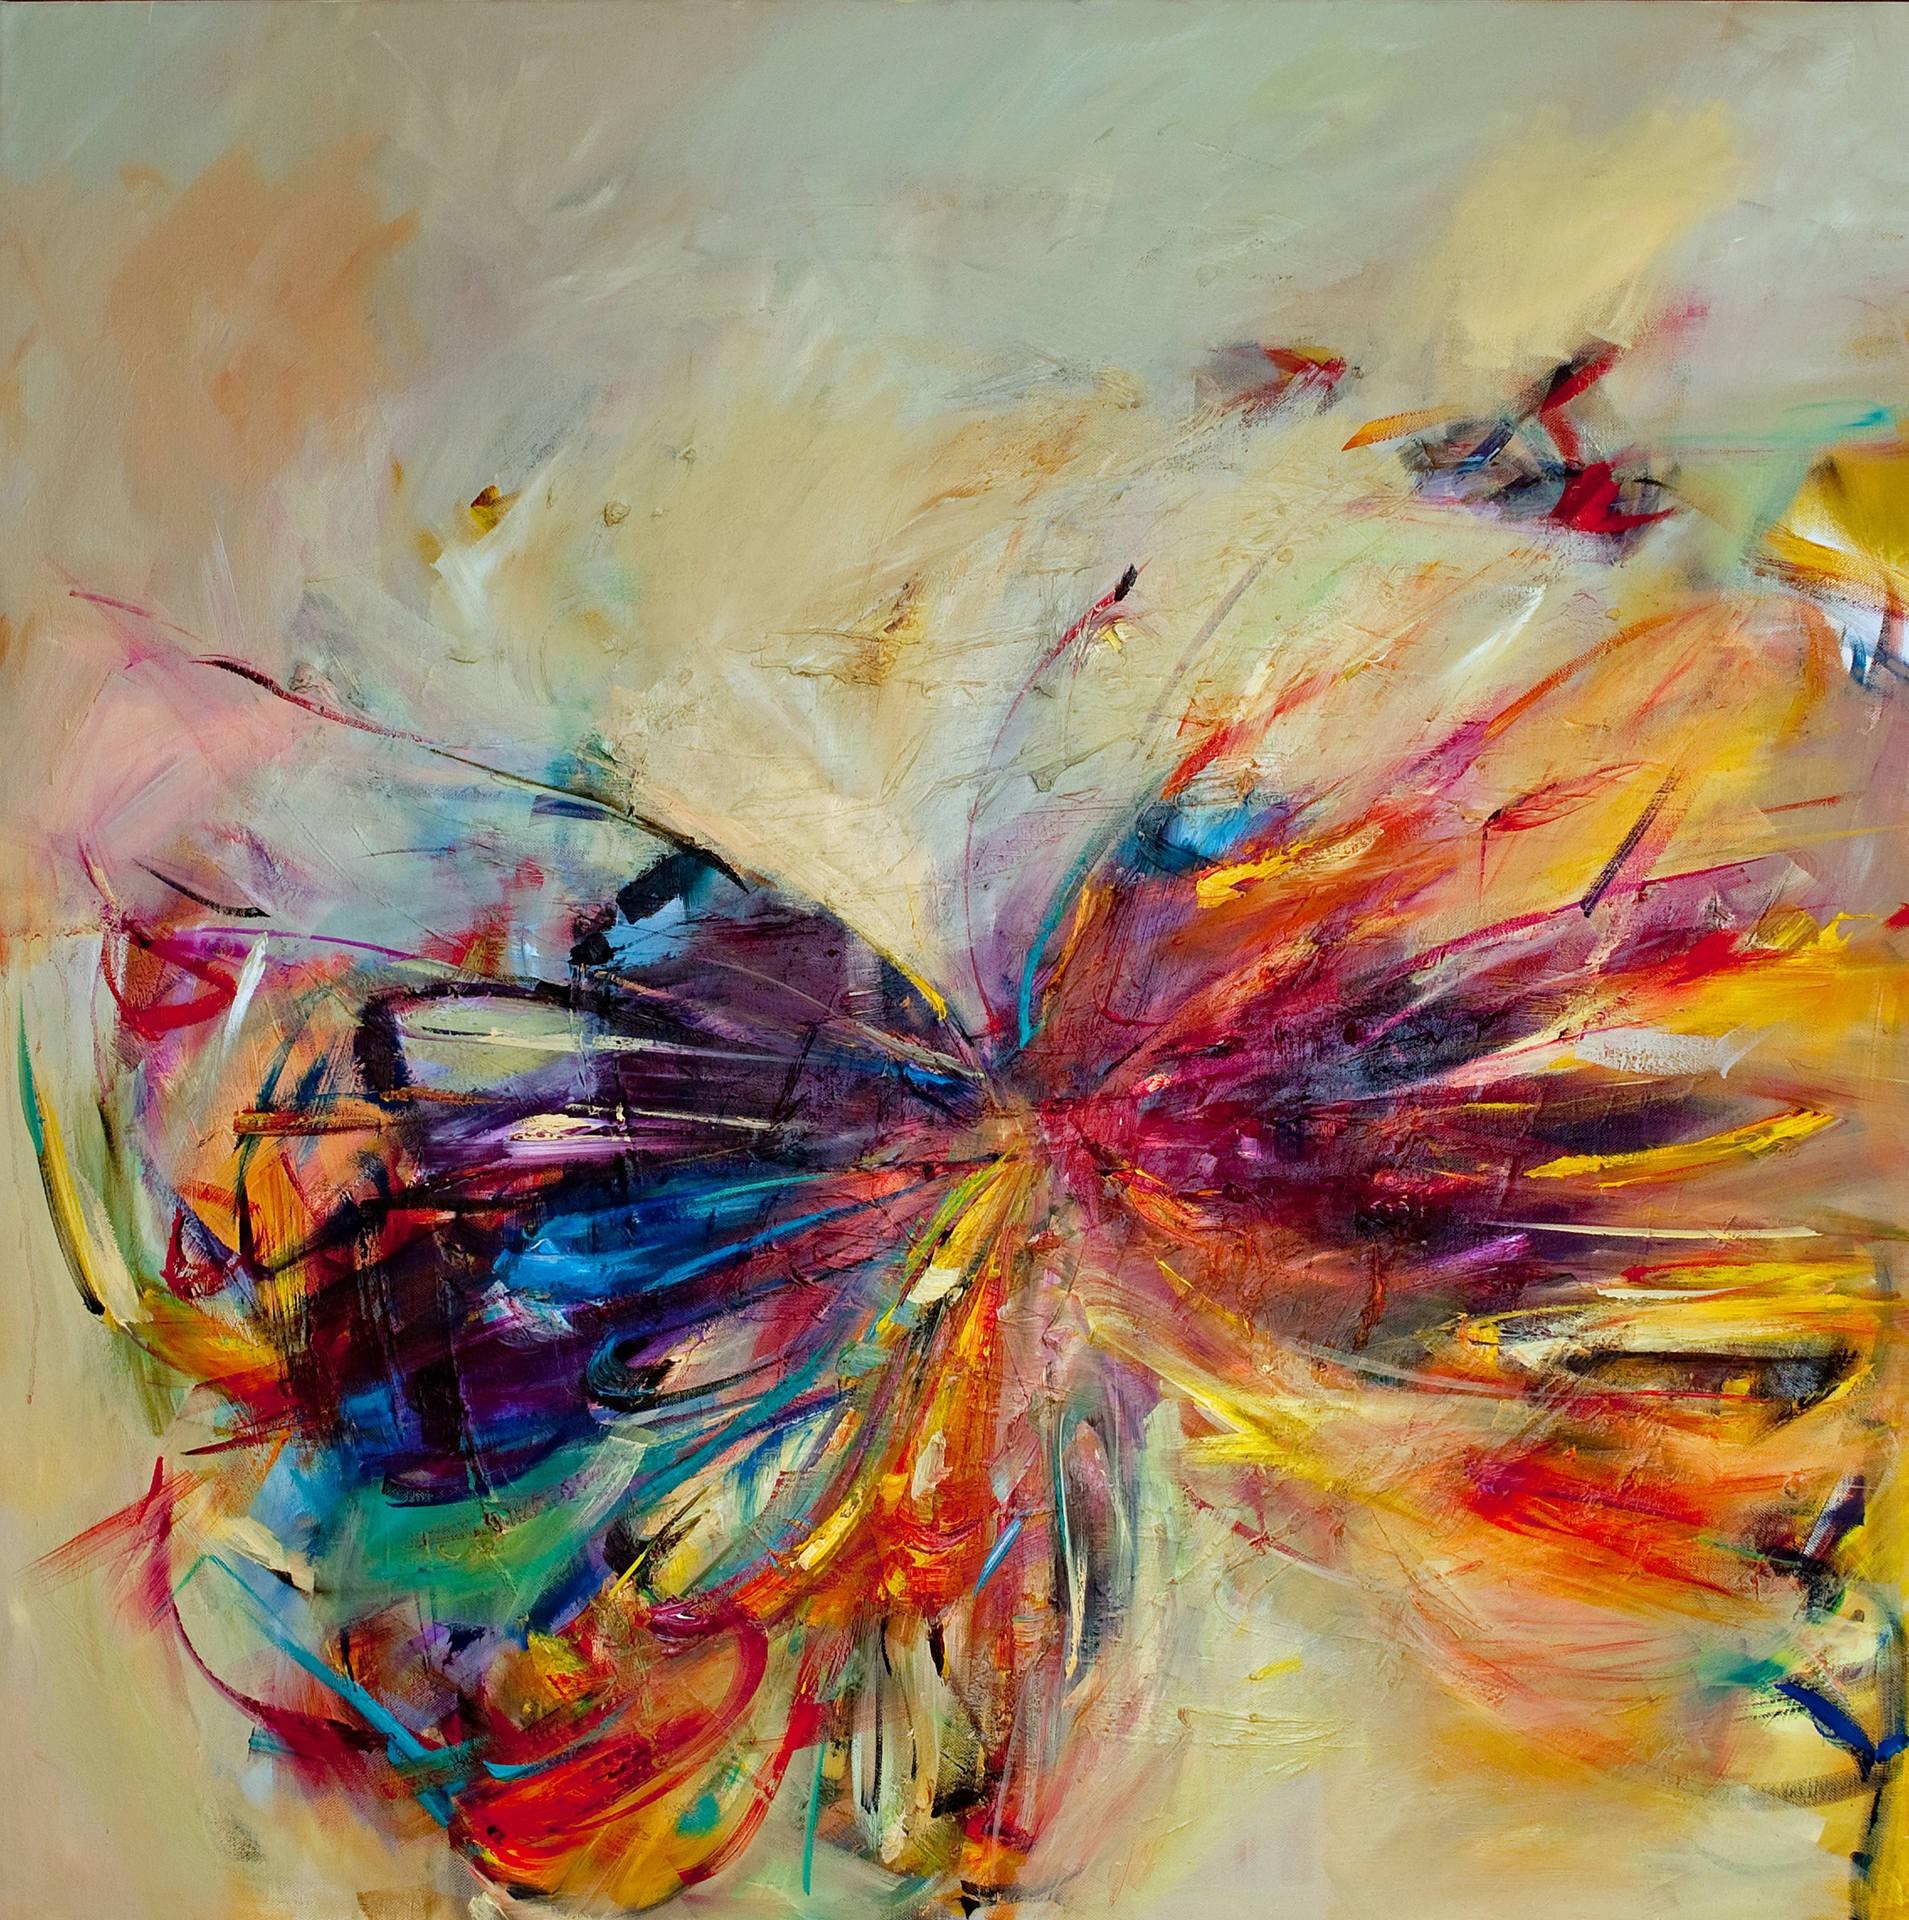 Wallpaper Gambar Lukisan Abstrak Karya Seni Warna